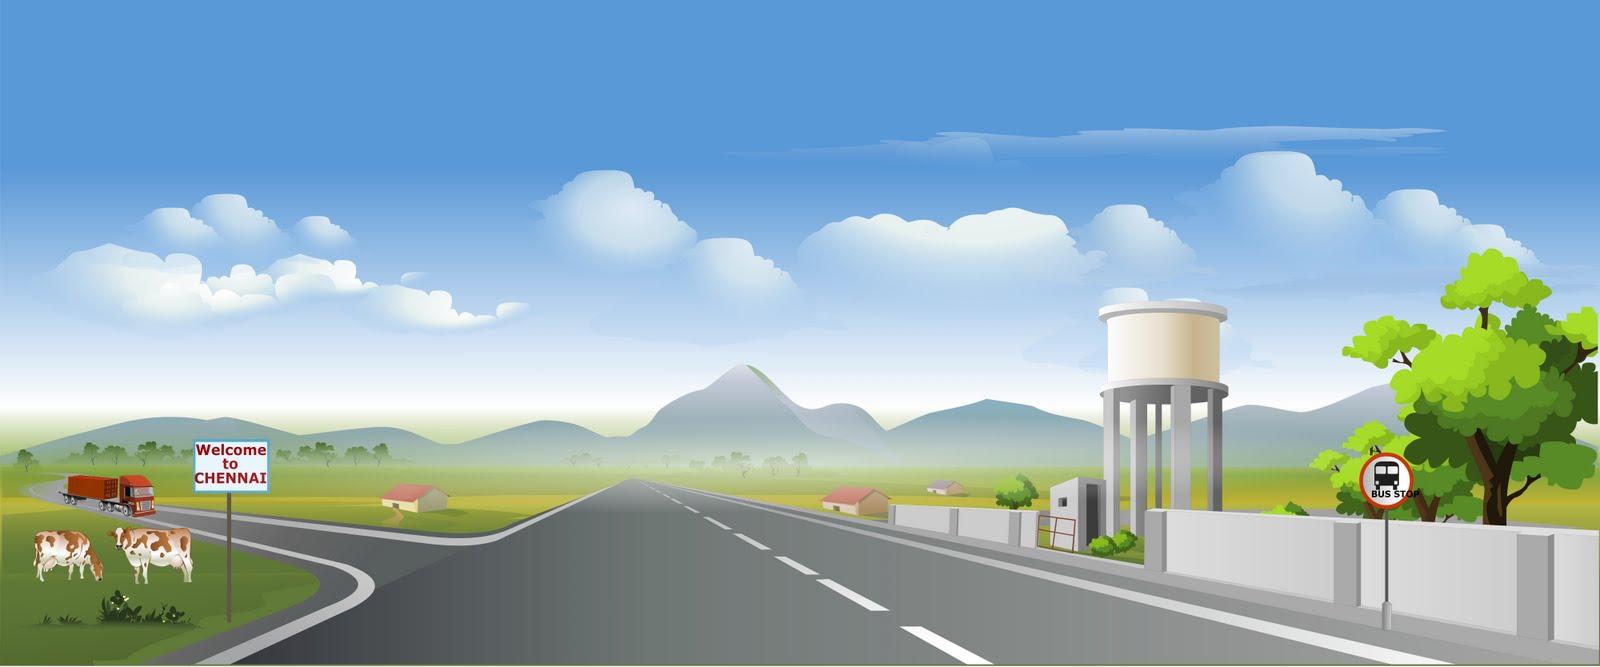 animation backgrounds freelance  flash animation background